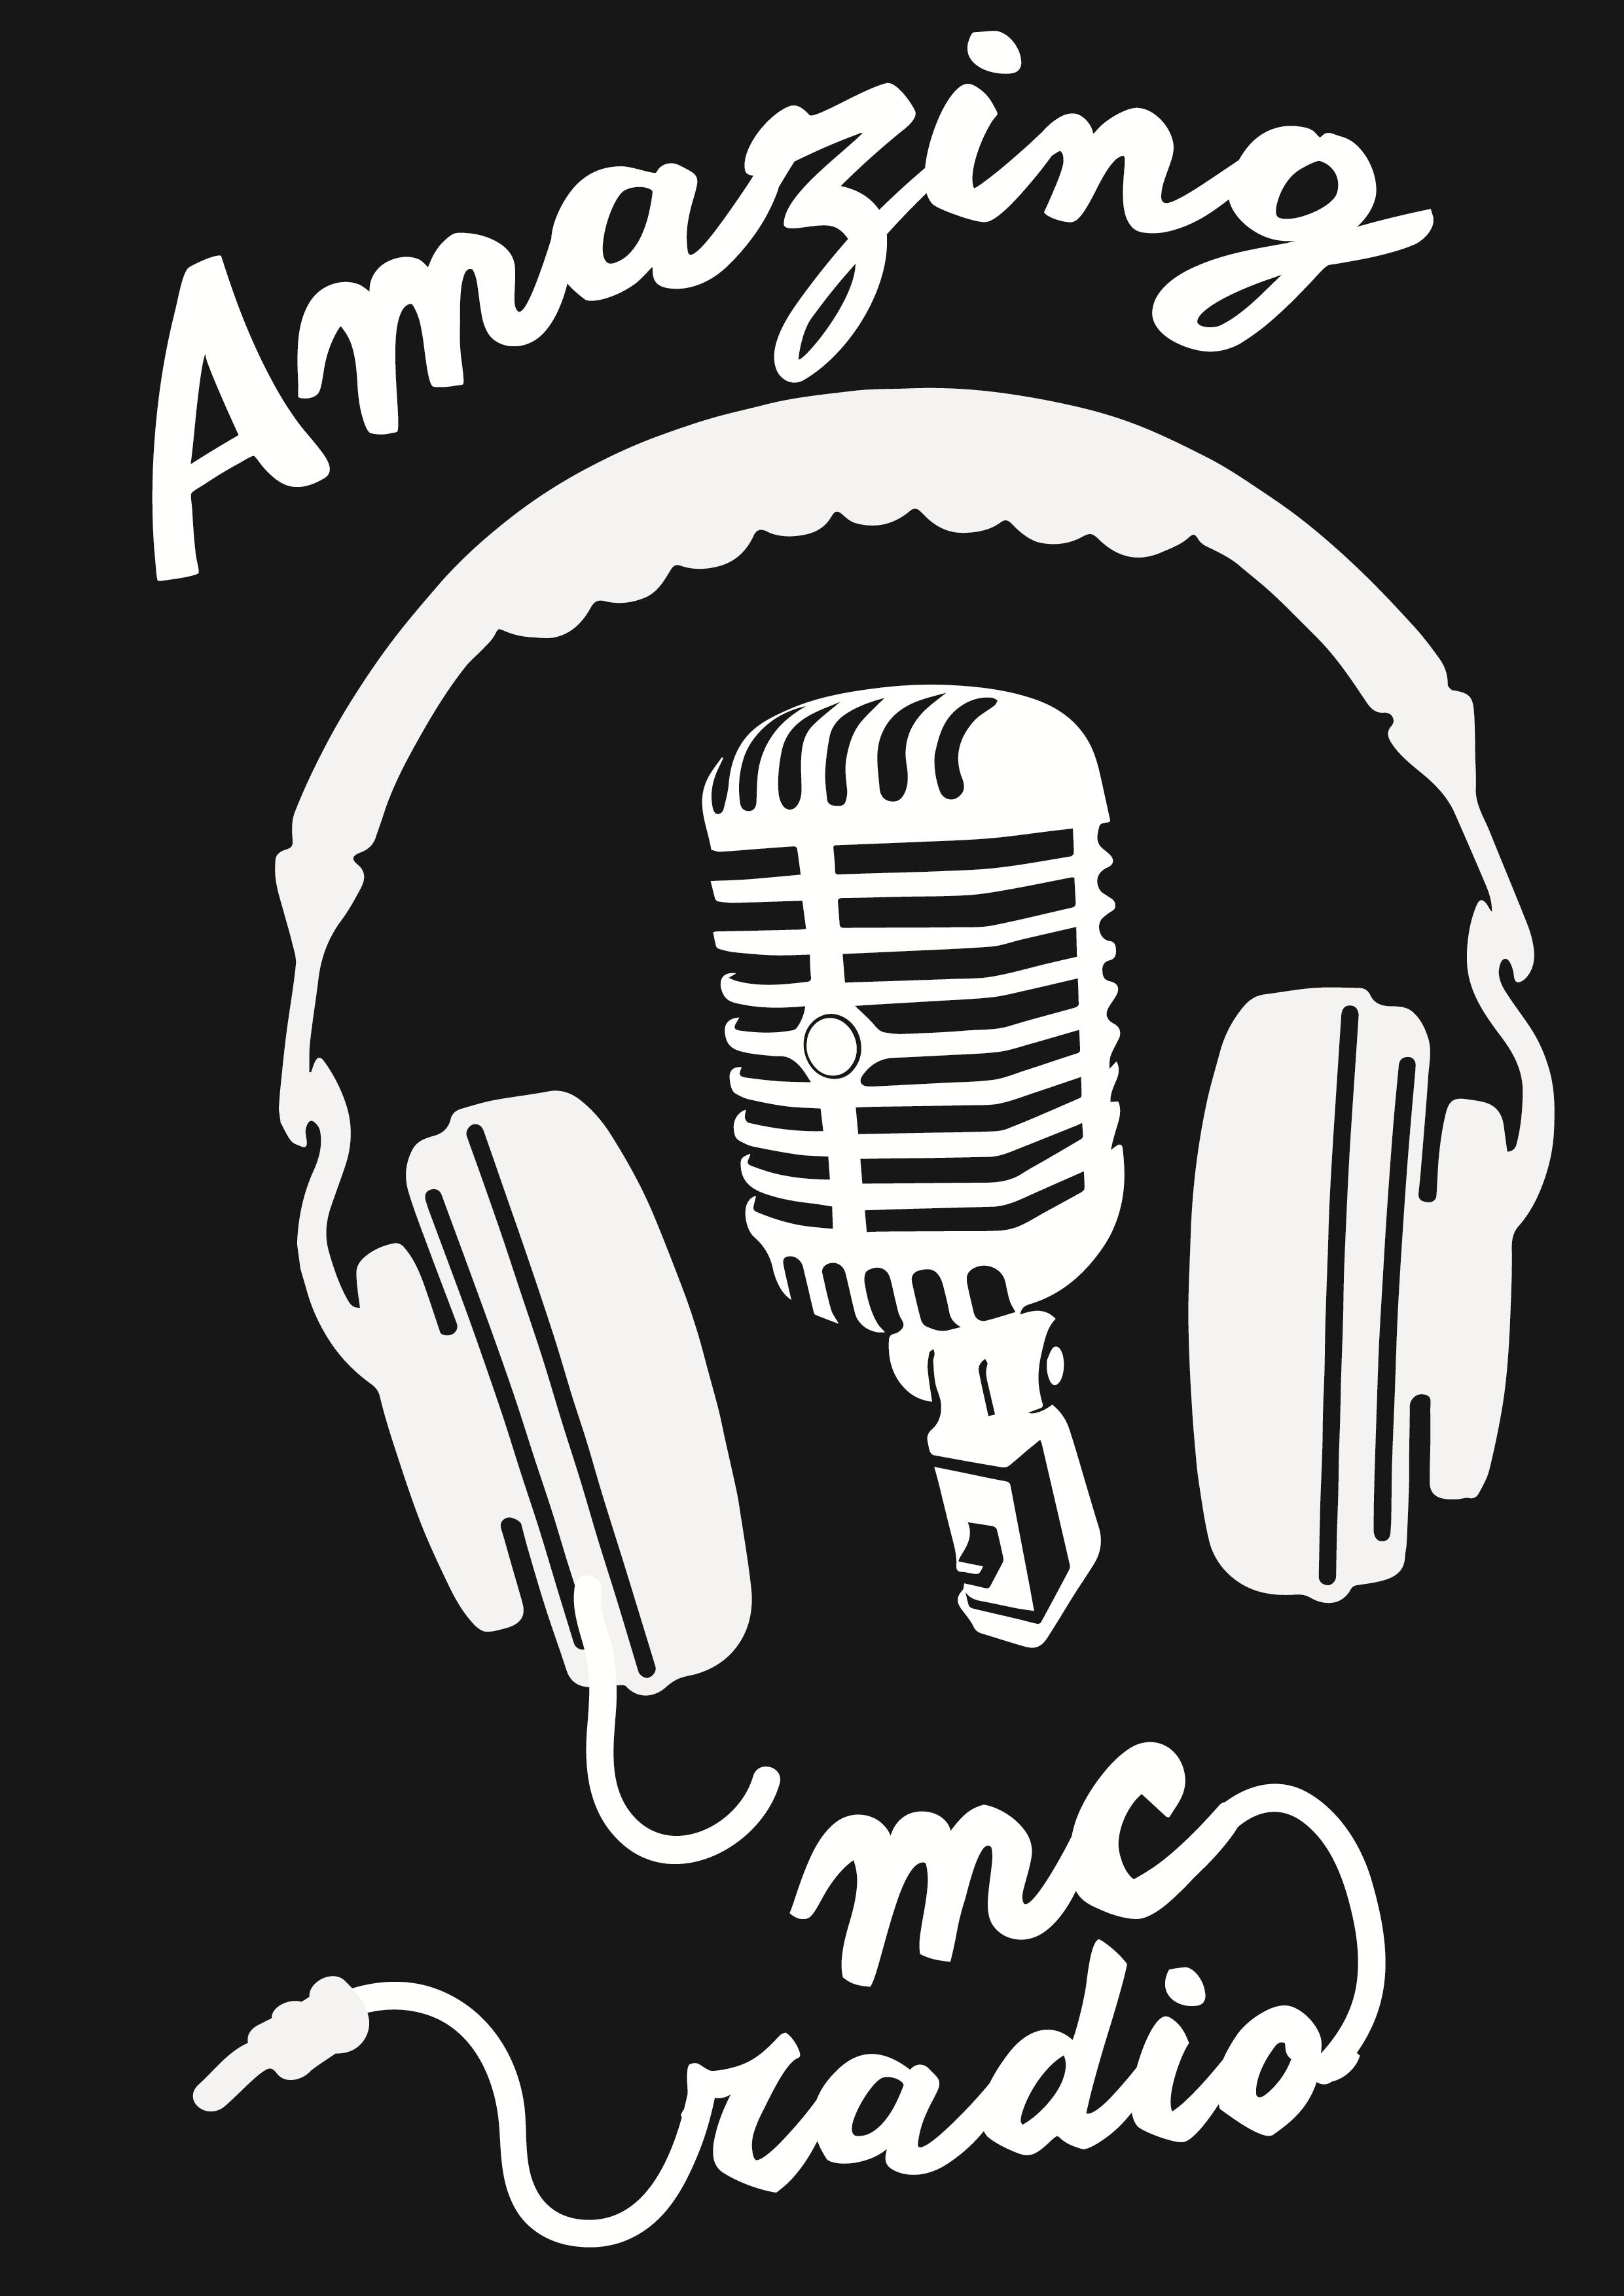 MC radio shirt